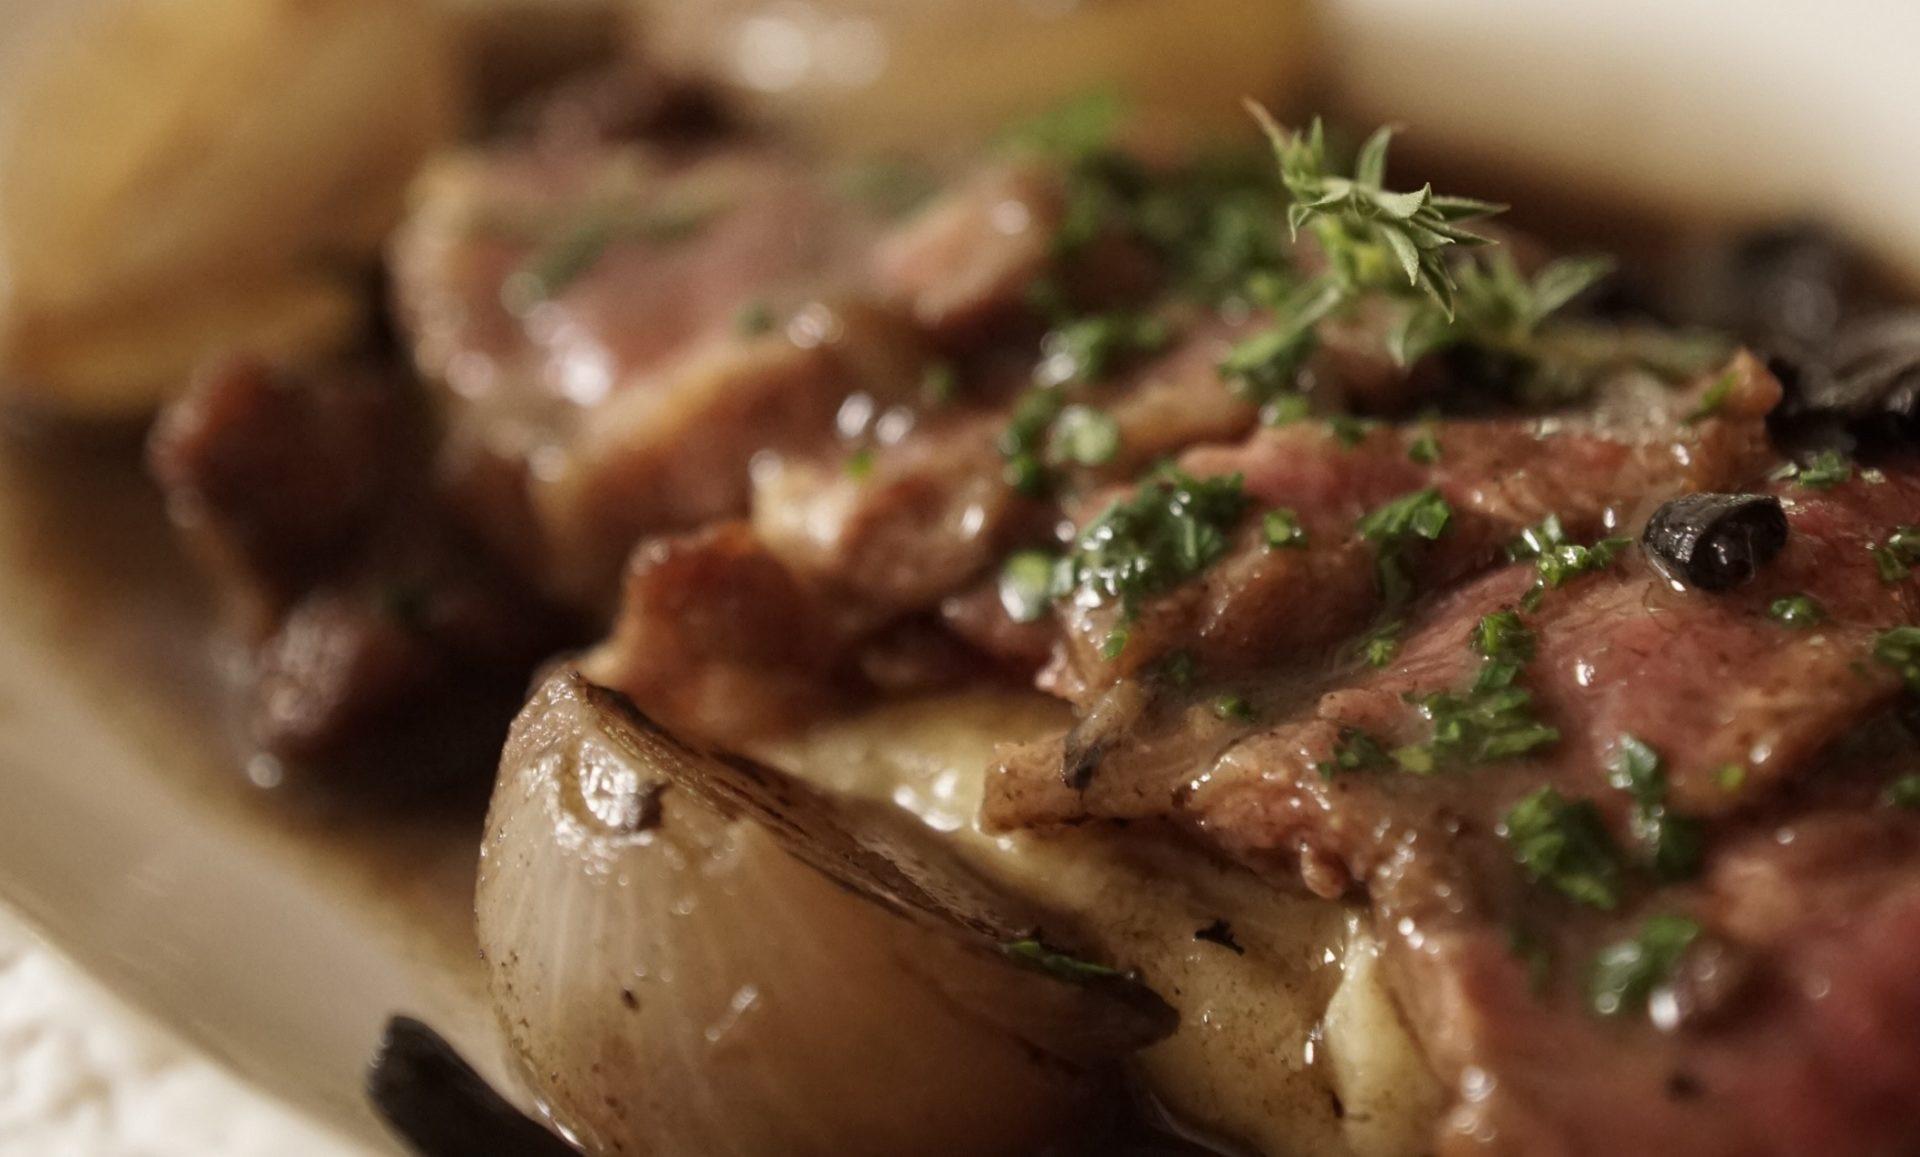 llata-buey-gastronomia-sostenible-bbva-receta